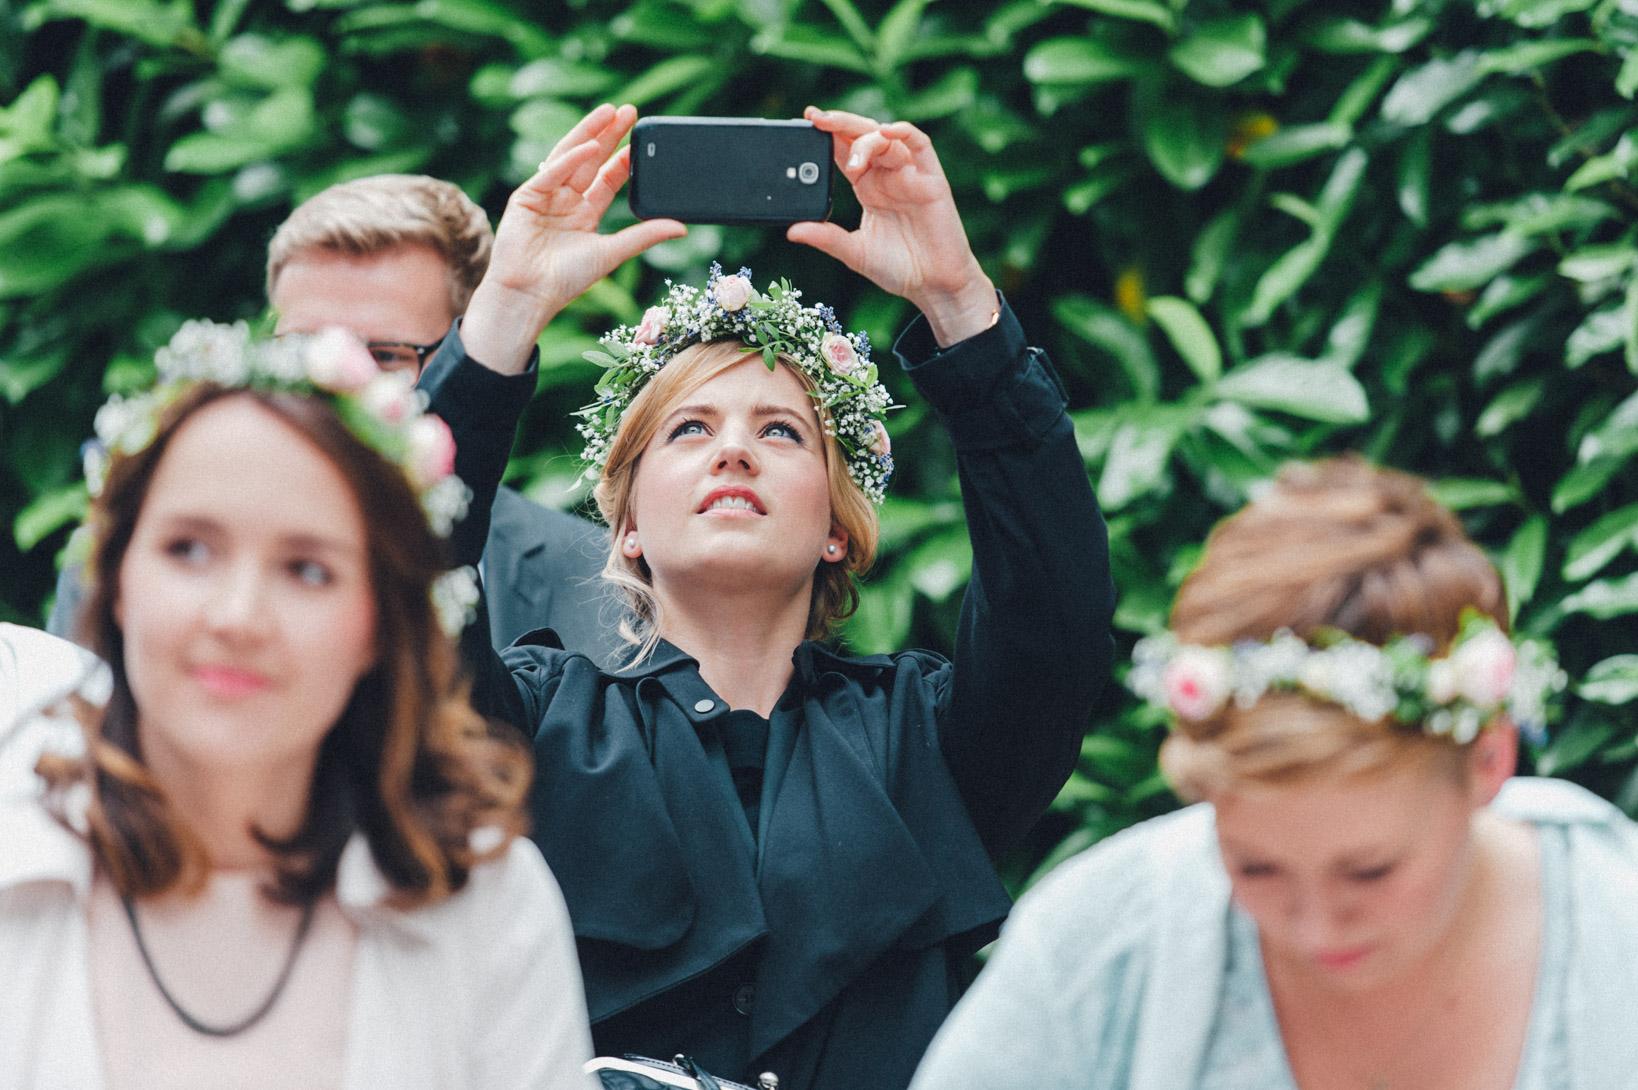 DIY-Hochzeit-gold-VW-Bully-51 Janet & Pierre DIY Midsummer-Wedding in Gold mit VW BulliDIY Hochzeit gold VW Bully 51